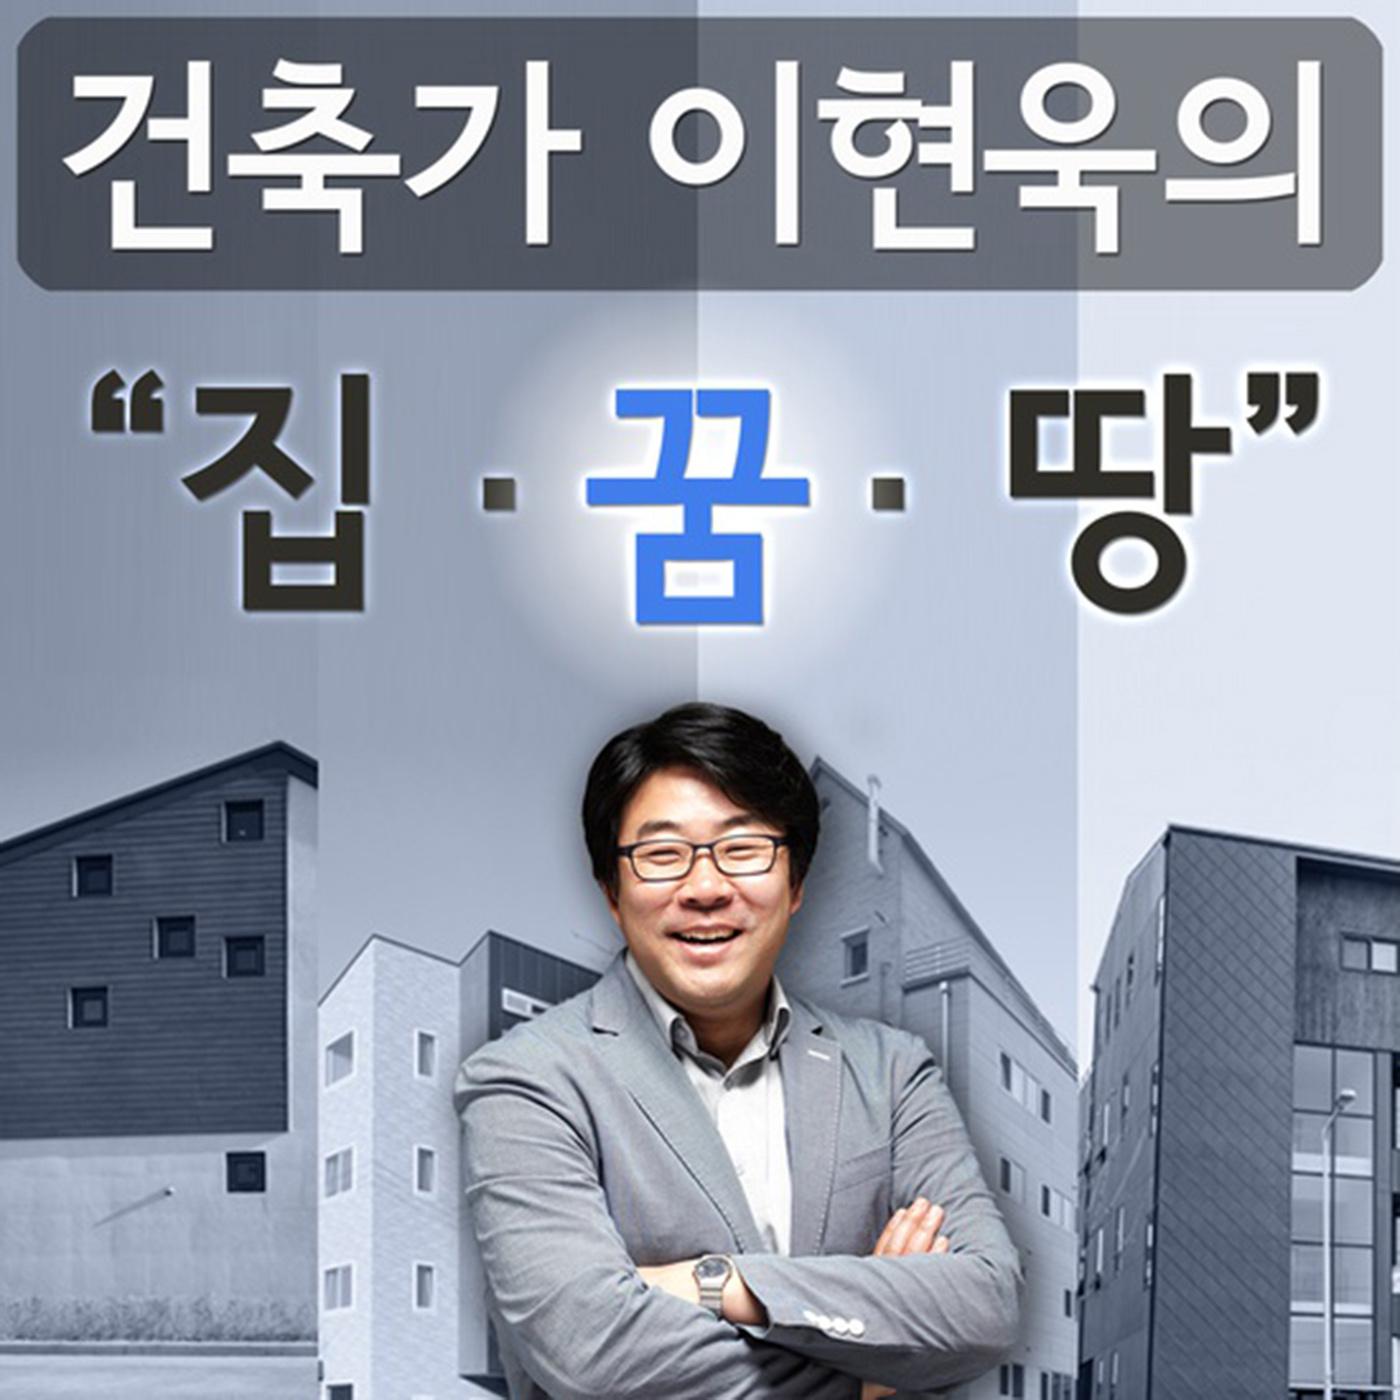 건축가 이현욱의 집,꿈,땅